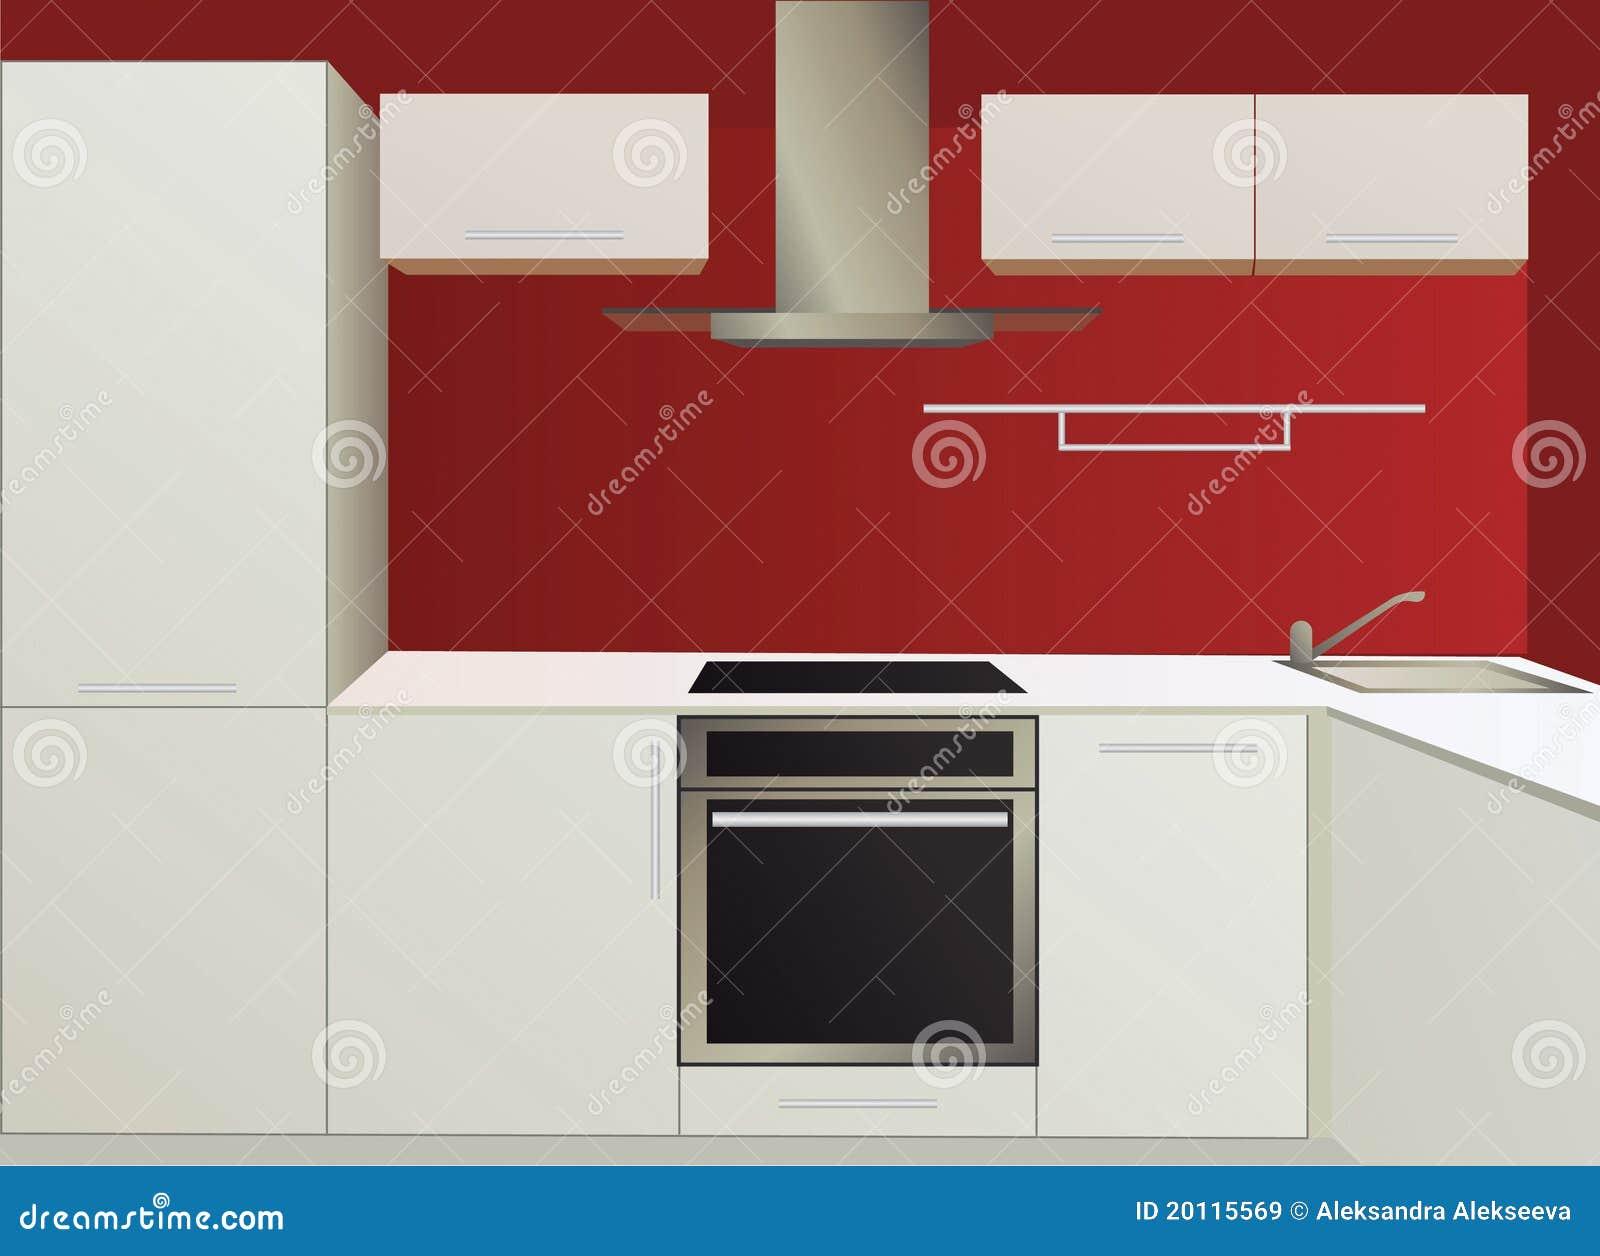 Cuisine blanche et rouge avec des appareils lectrom nagers for Appareils electromenagers cuisine